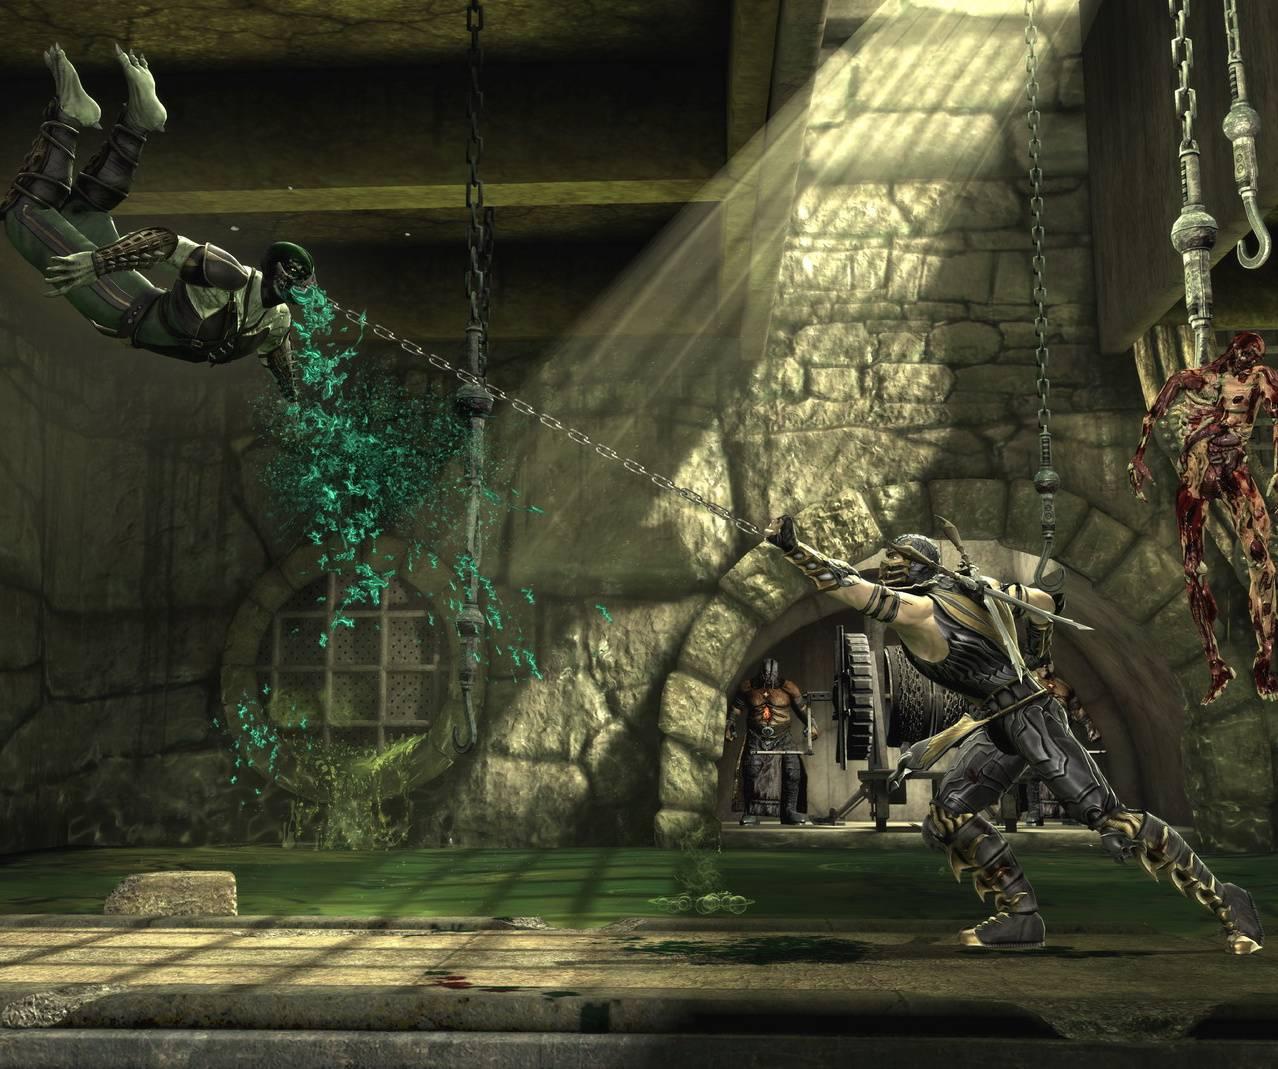 Scorpion vs Reptile